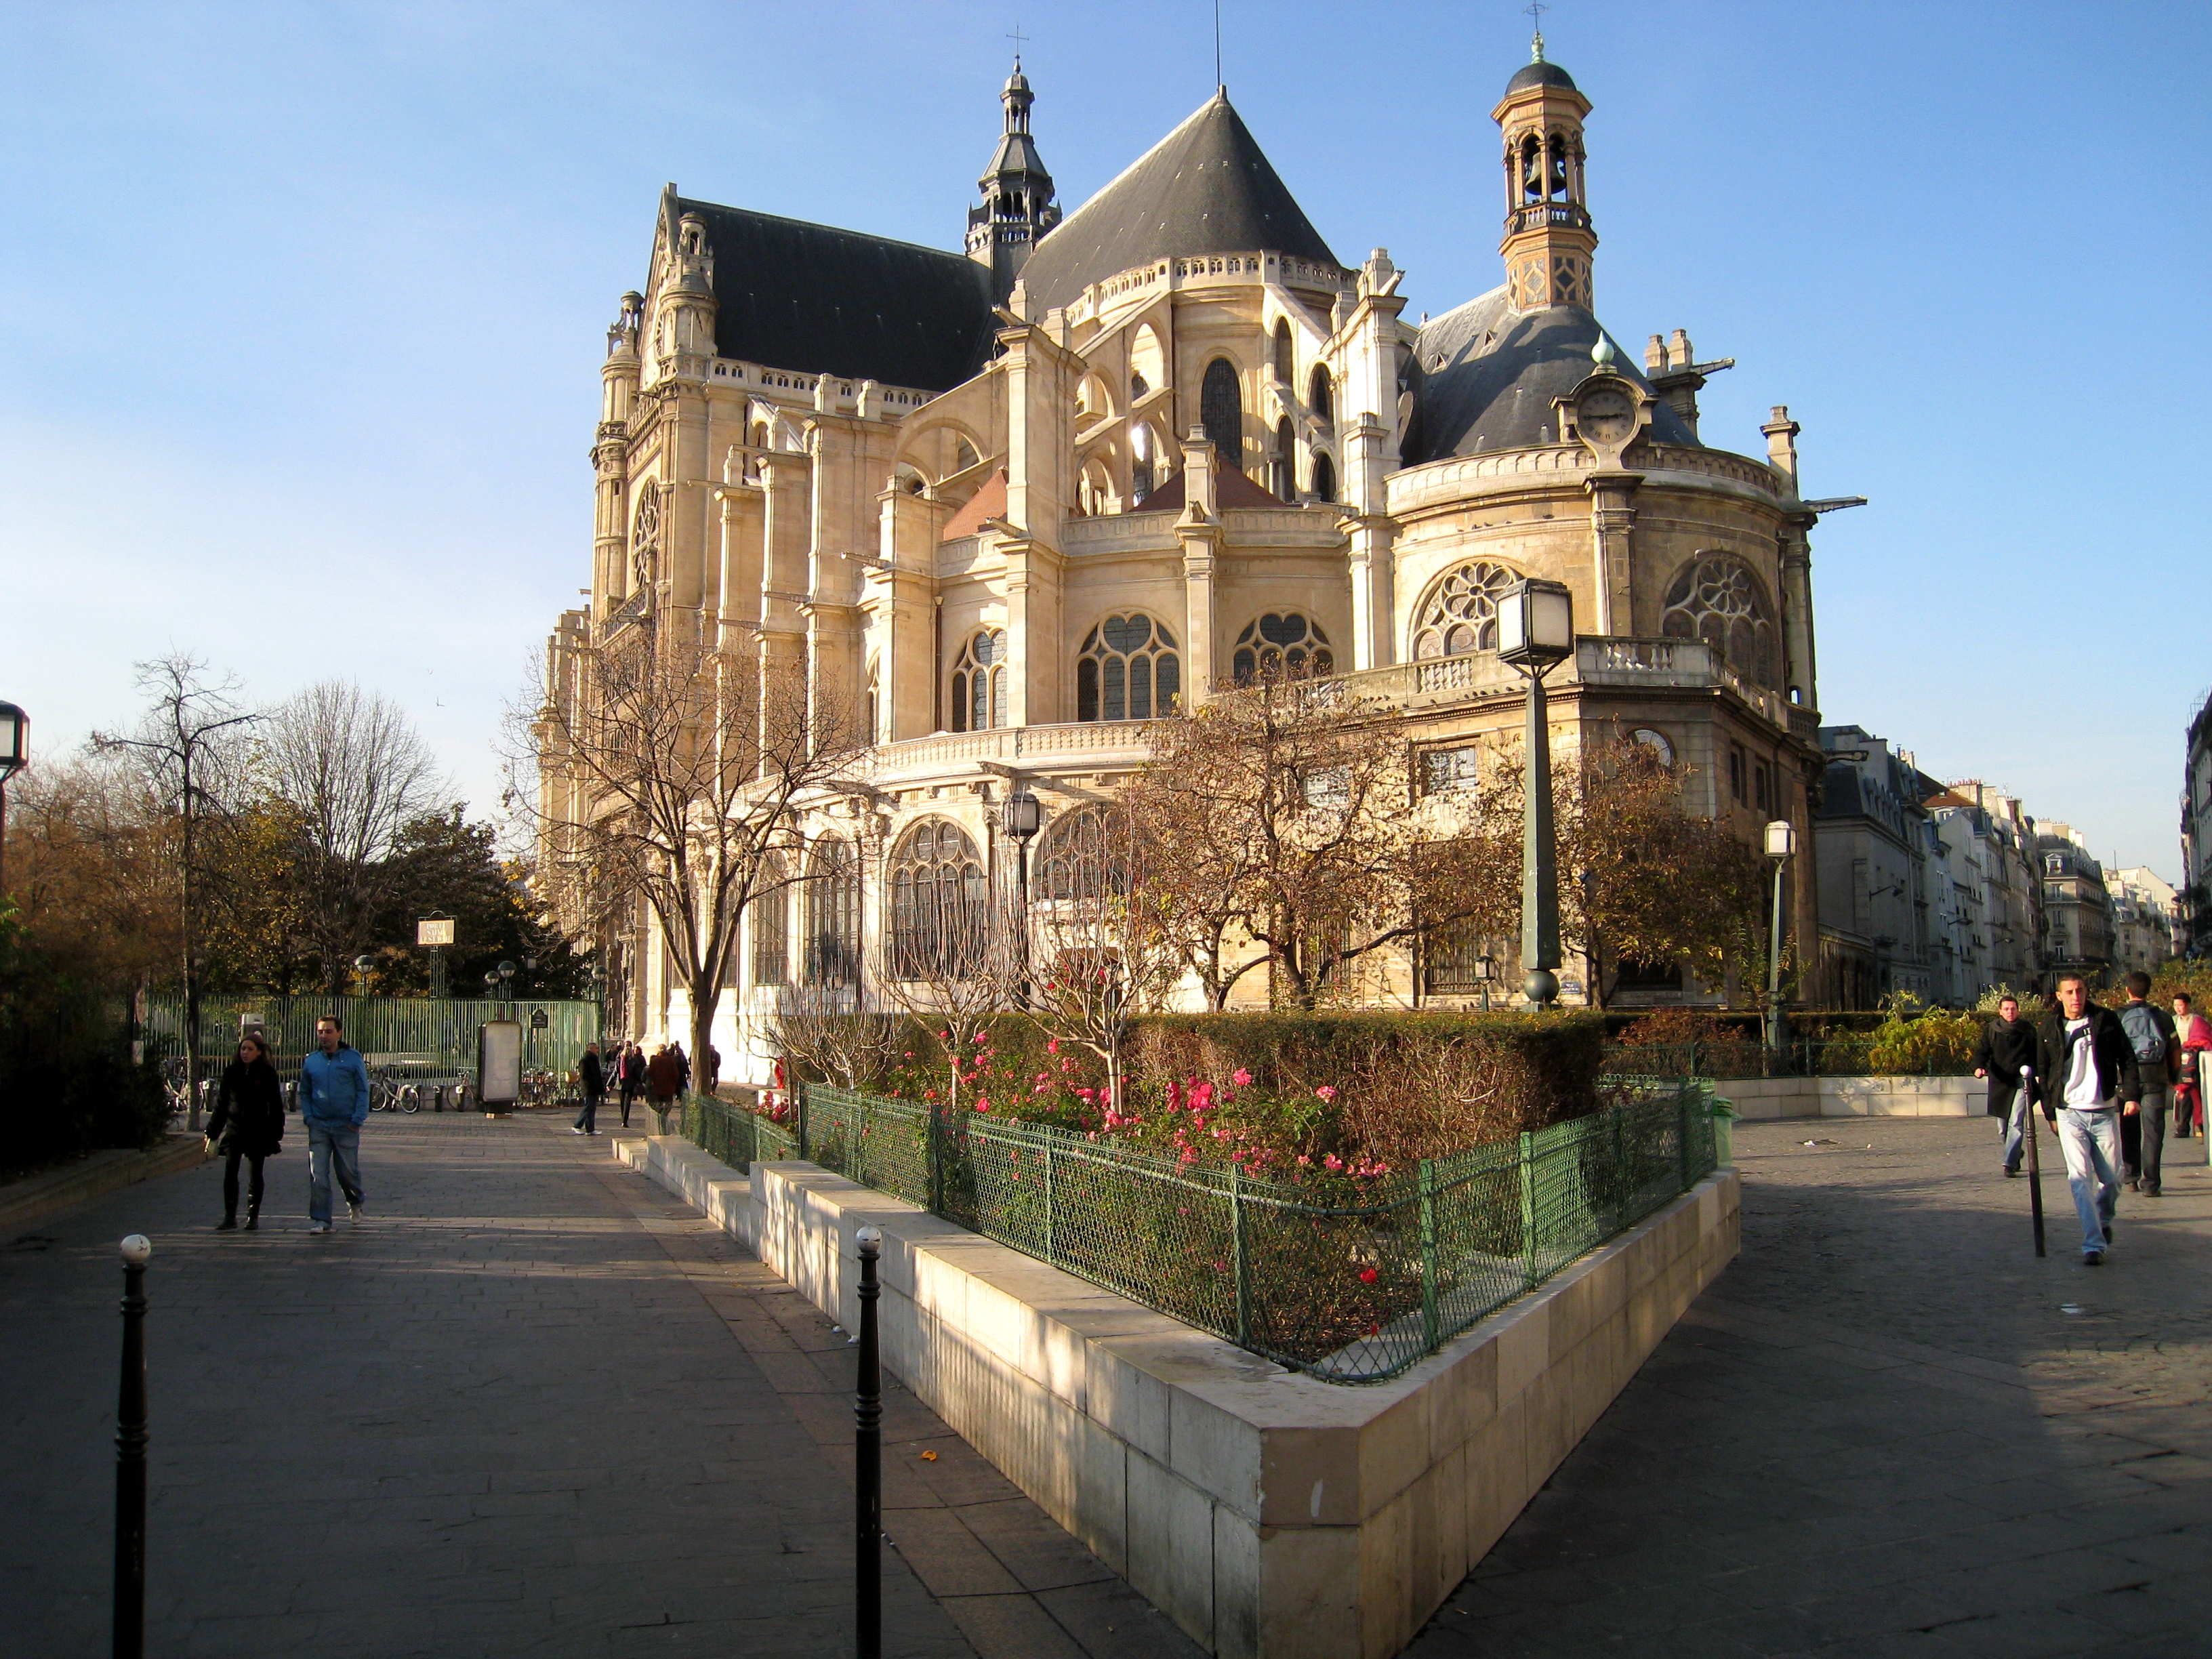 File:Brie-Comte-Robert (77), église Saint-Étienne, élévation ...